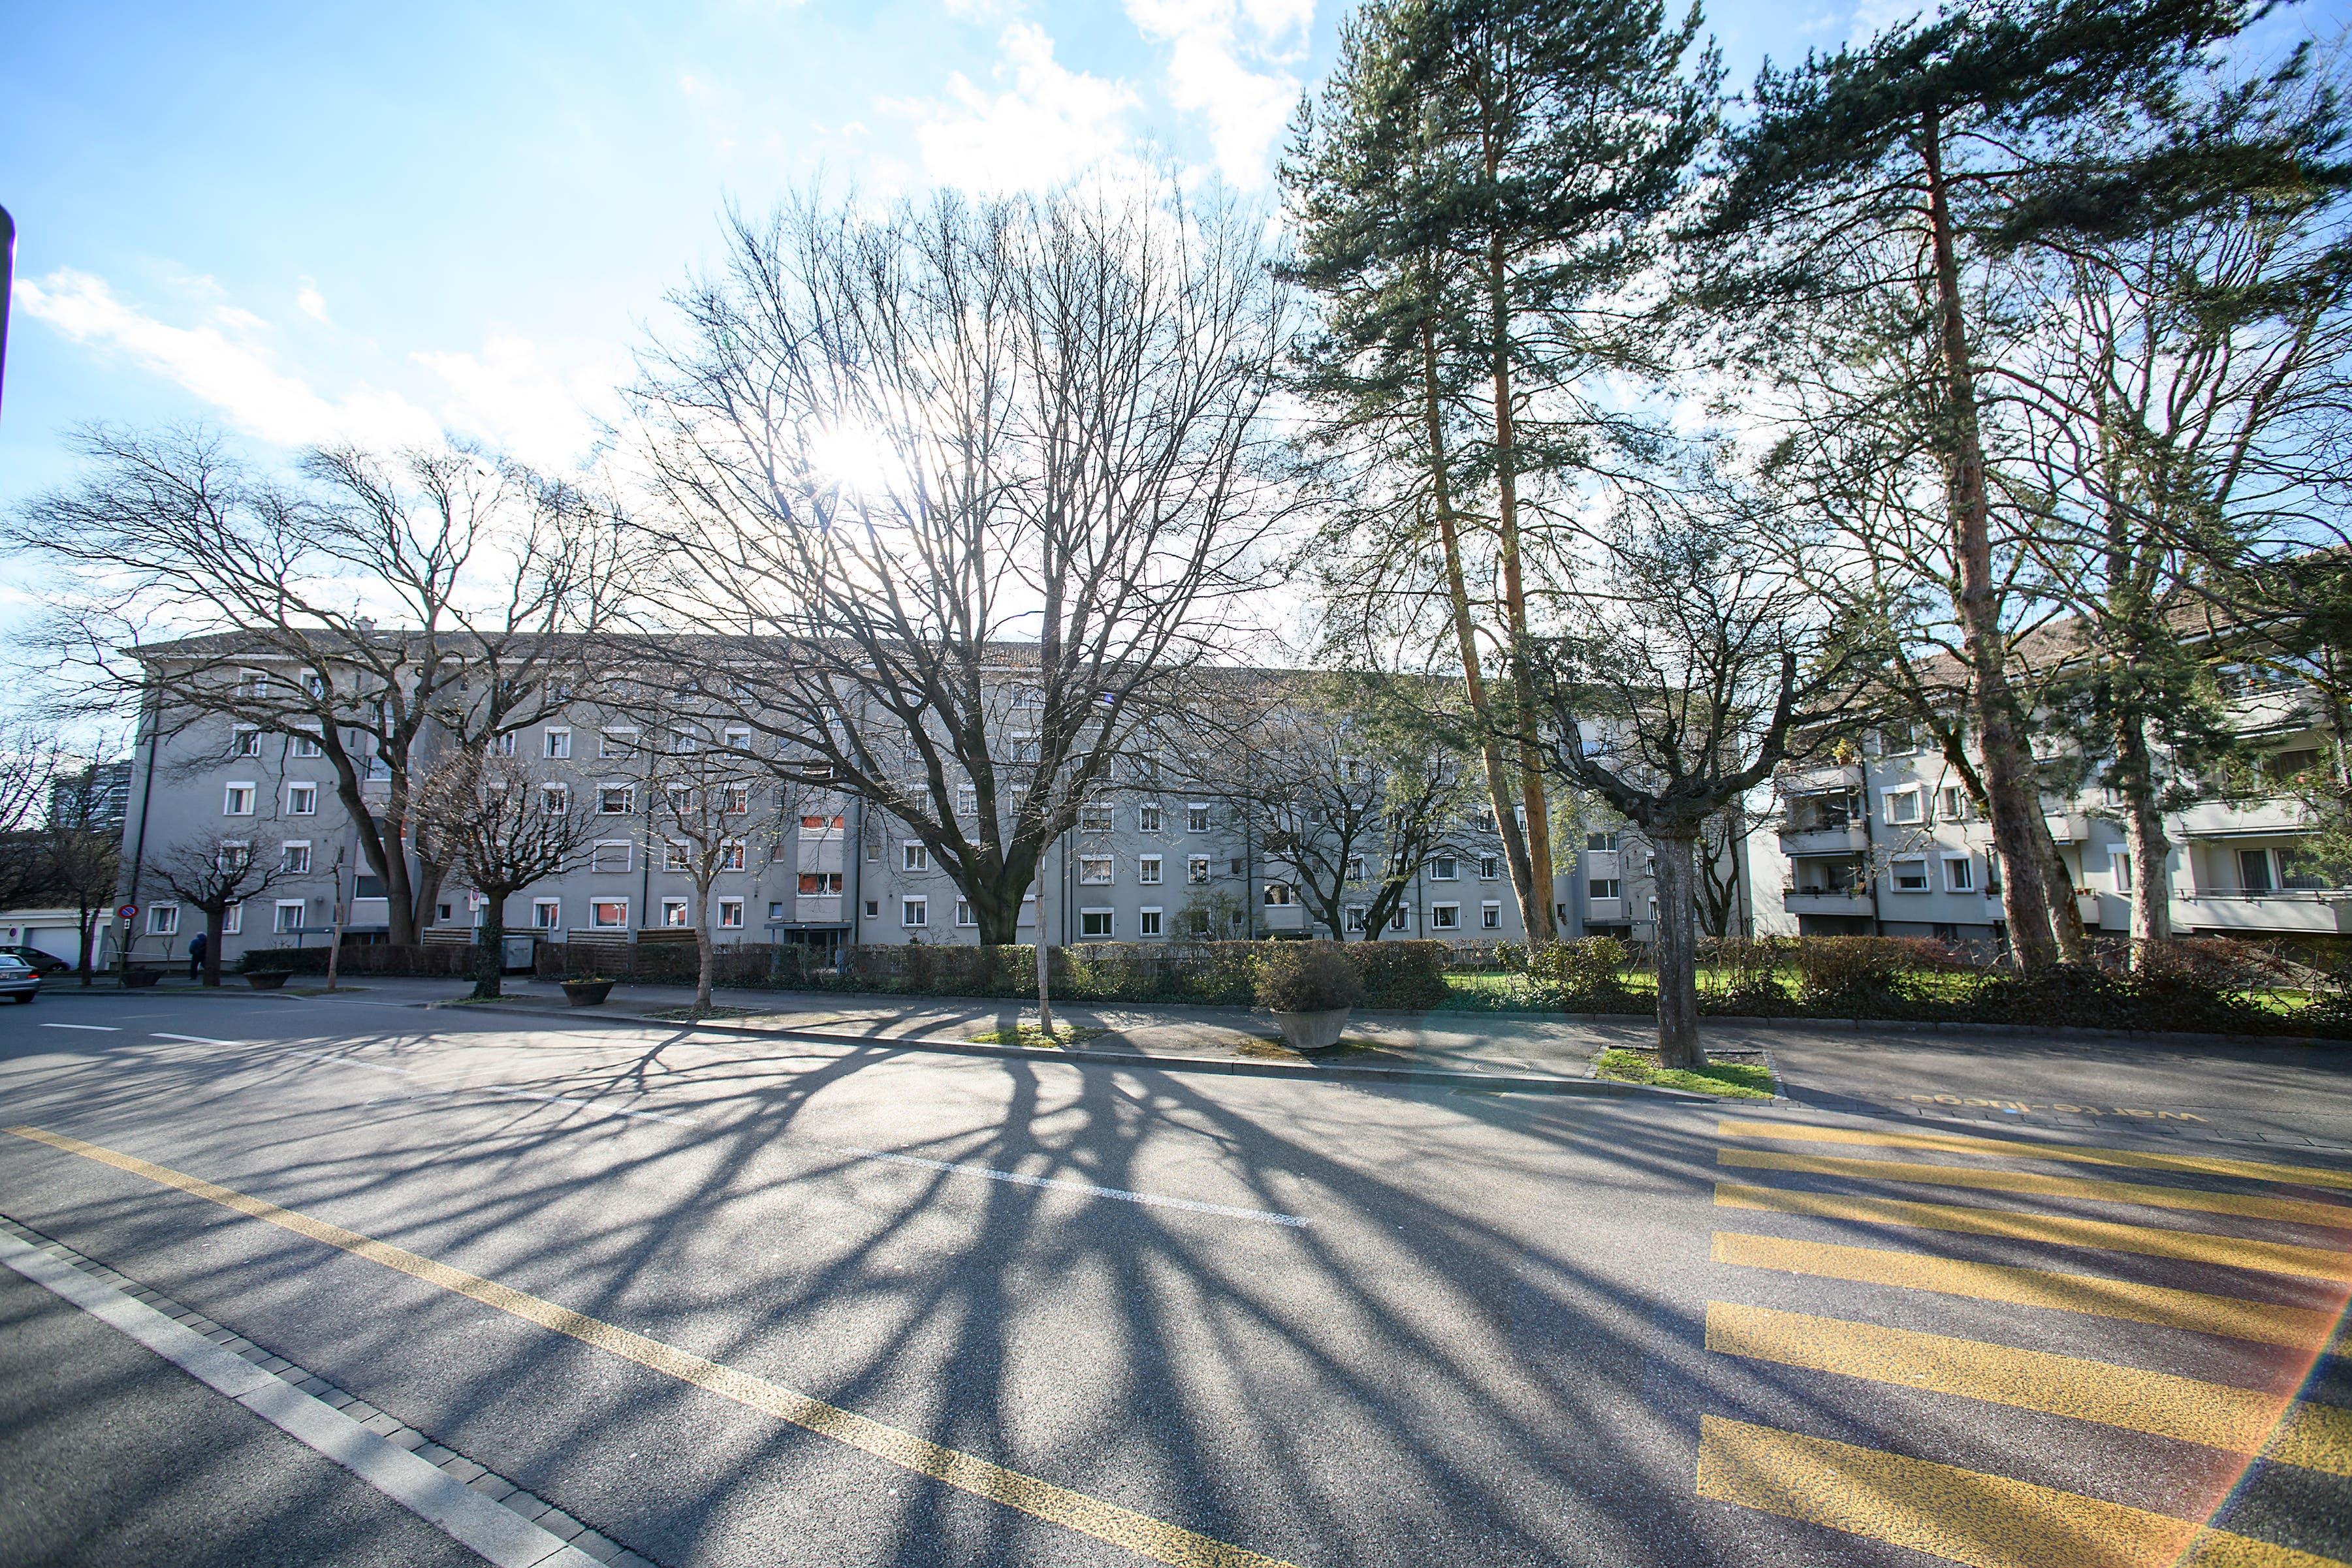 Die Bauten im Besitz der Anlagestiftung der Credit Suisse stammen aus dem Jahre 1957. Bewohnt werden sie von älteren Menschen, teilweise schon seit dem Baujahr.